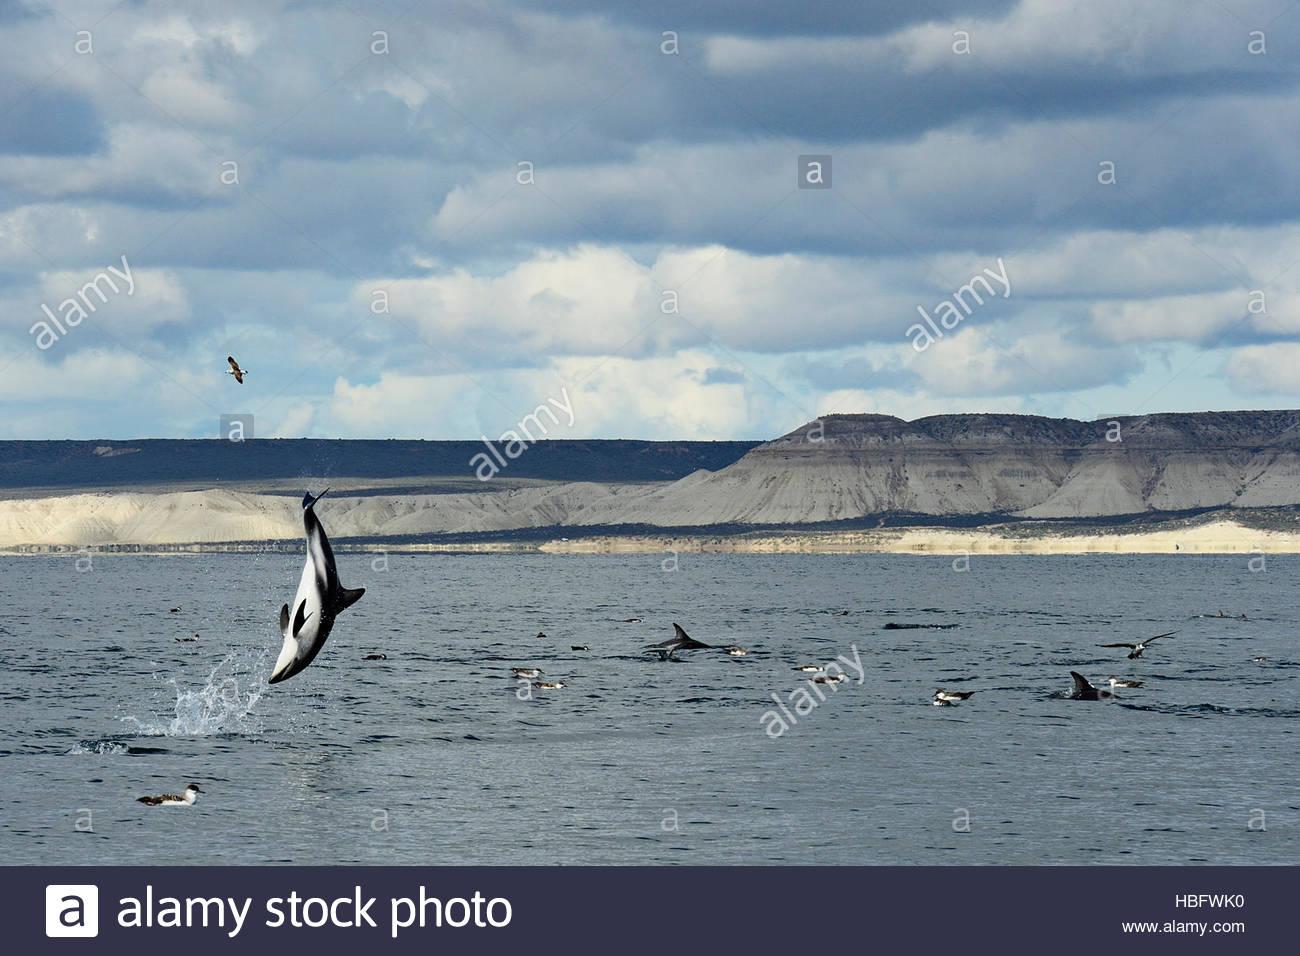 Un dusky dolphin catapultant dans l'air au large de la côte de la patagonie peut envoyer un signal à Photo Stock